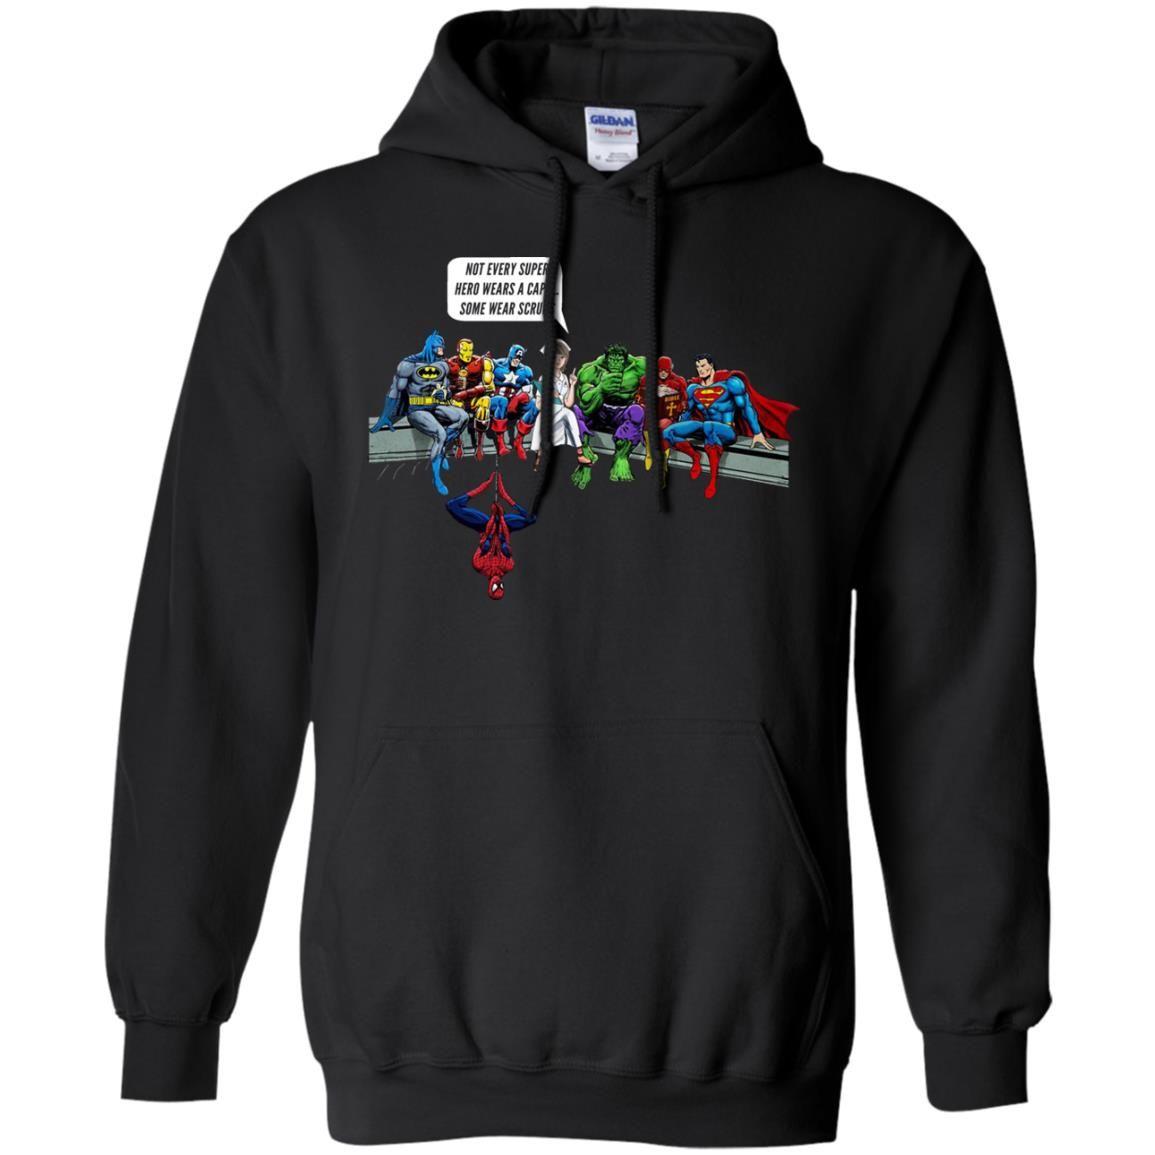 image 1896 - Nurse and Superheroes shirt, hoodie, tank top